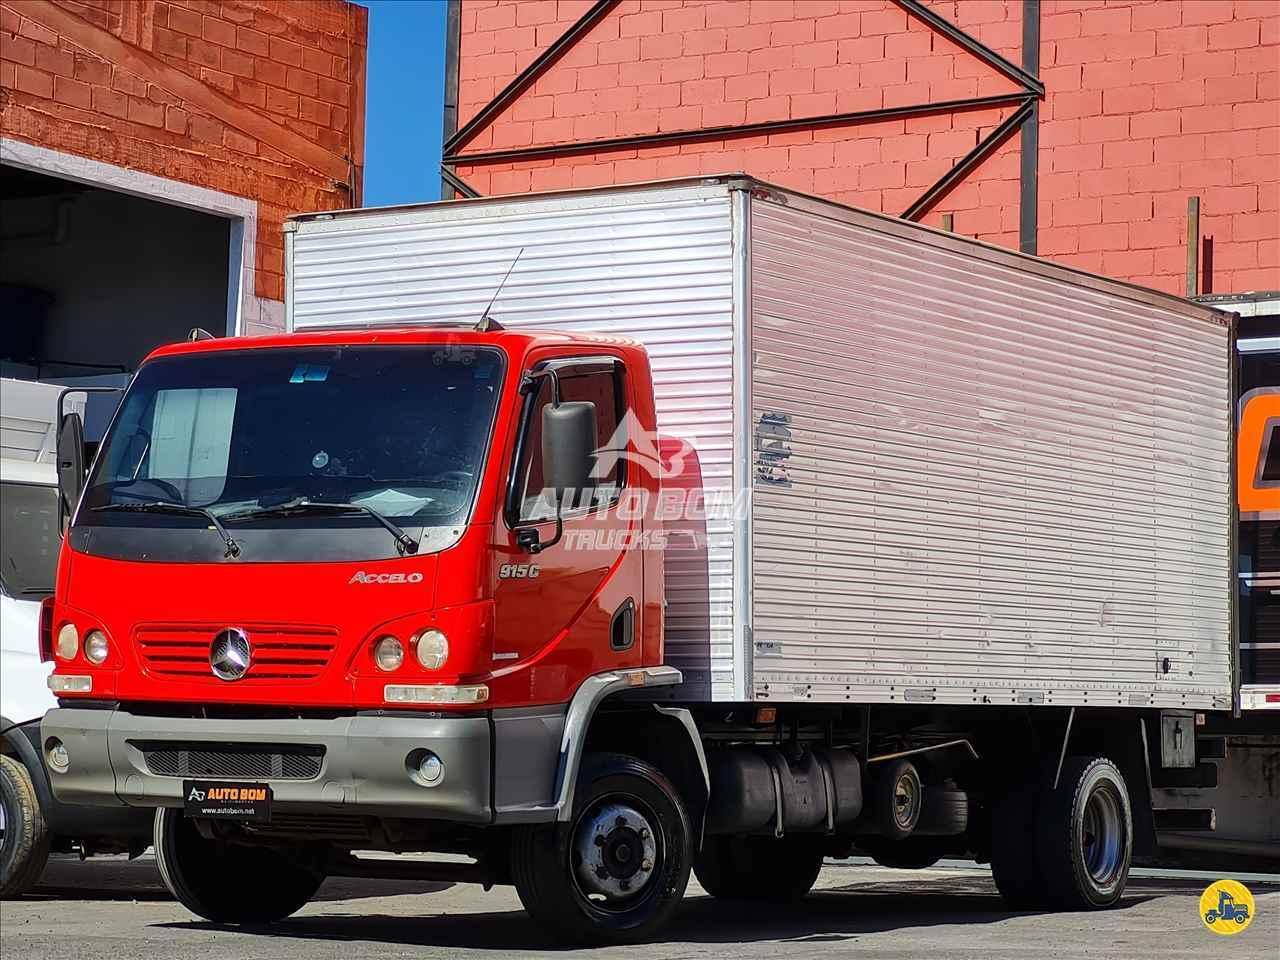 MB 915 de Autobom Trucks - CONTAGEM/MG